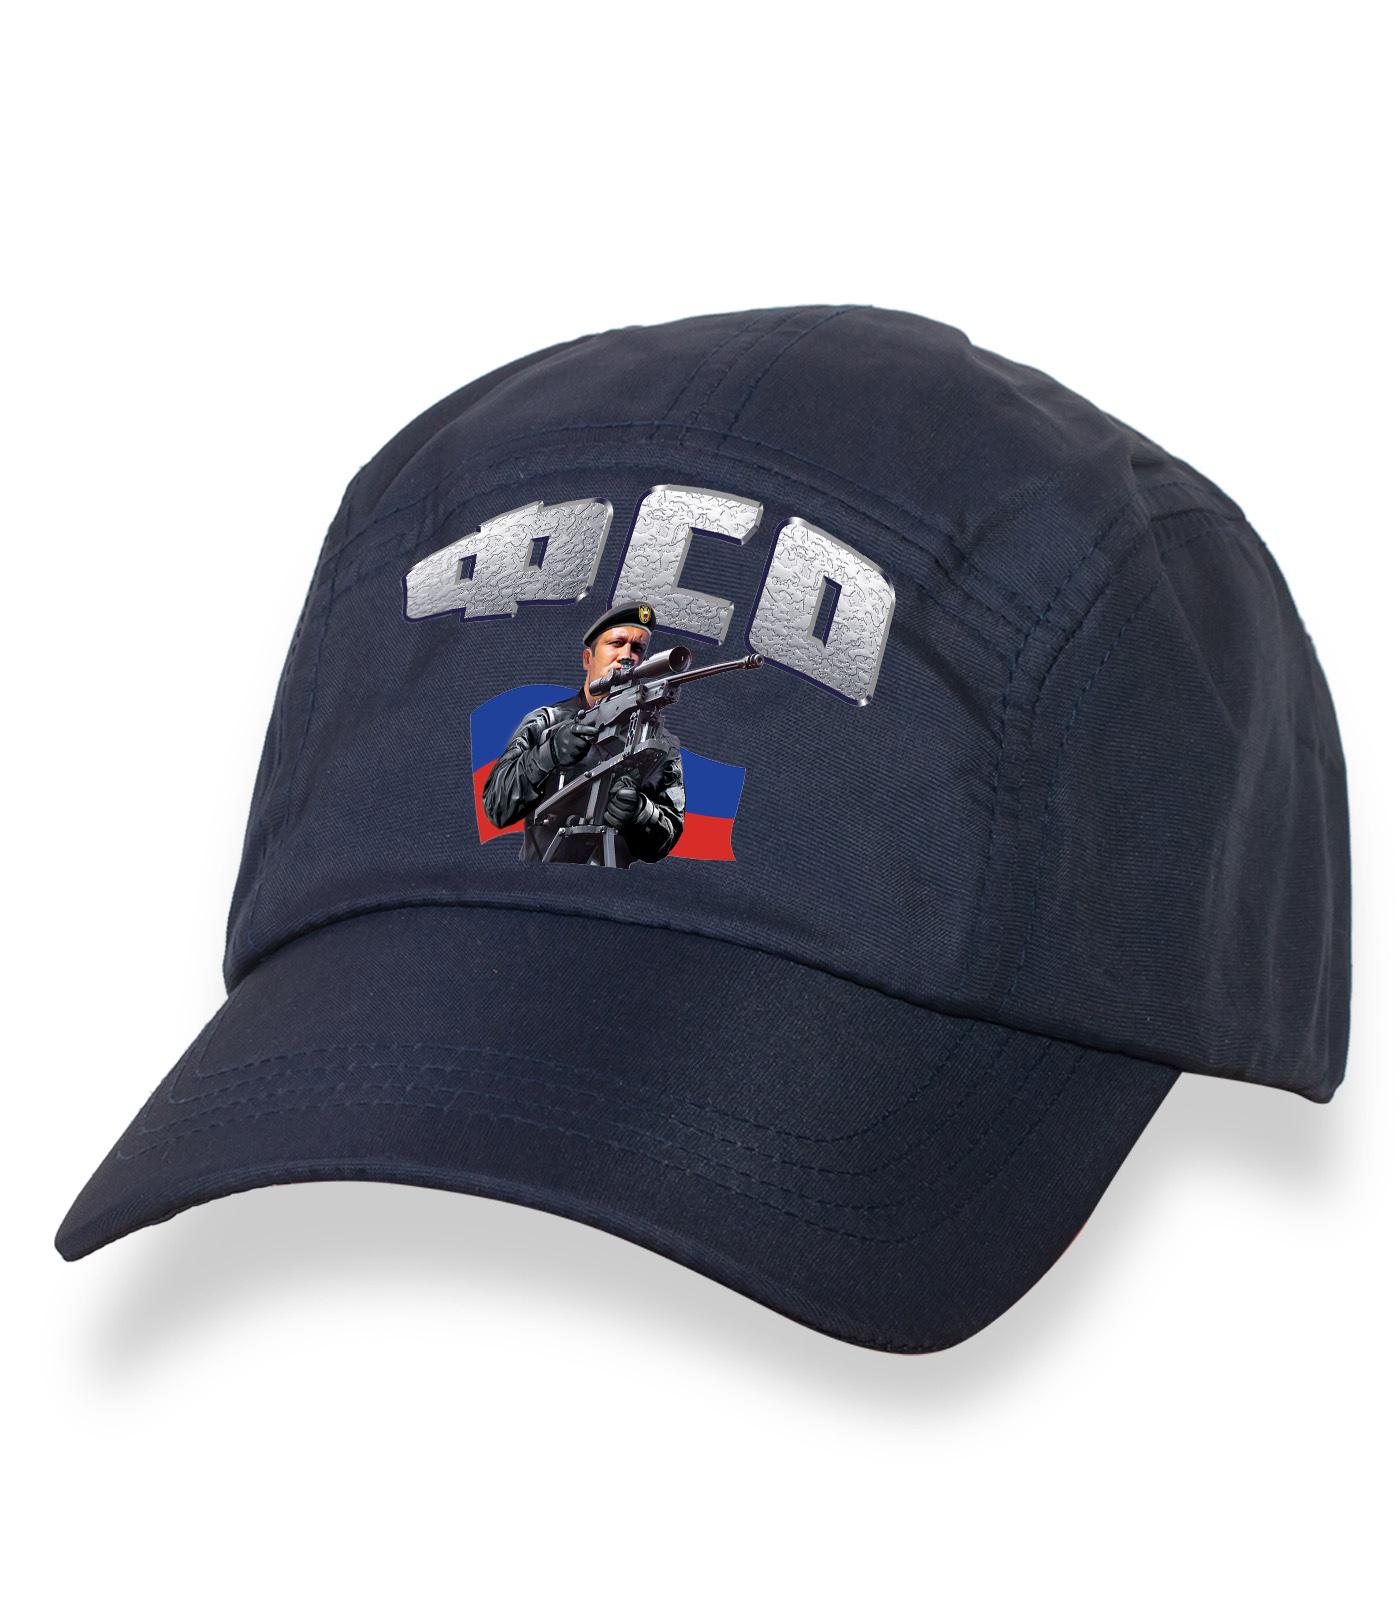 Практичная темно-синяя бейсболка с термотрансфером ФСО